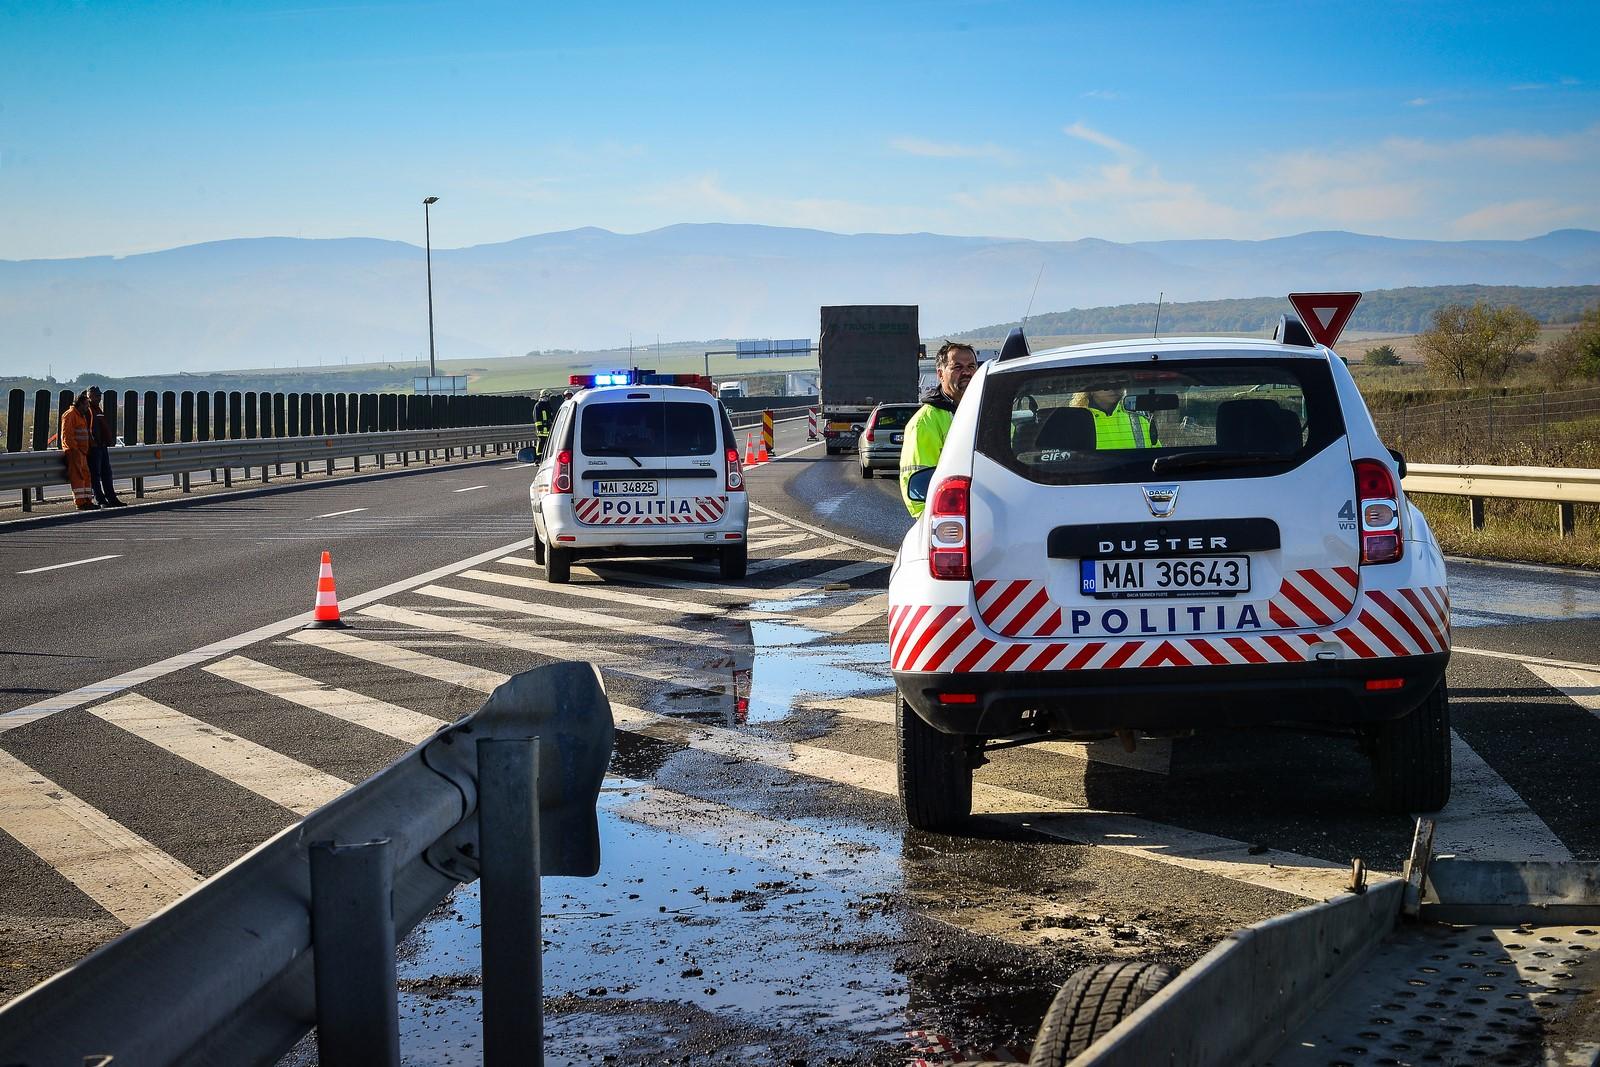 Atenție! Trafic deviat pe autostradă, în zona Săliște pentru ridicarea unui TIR ieșit în afara părții carosabile